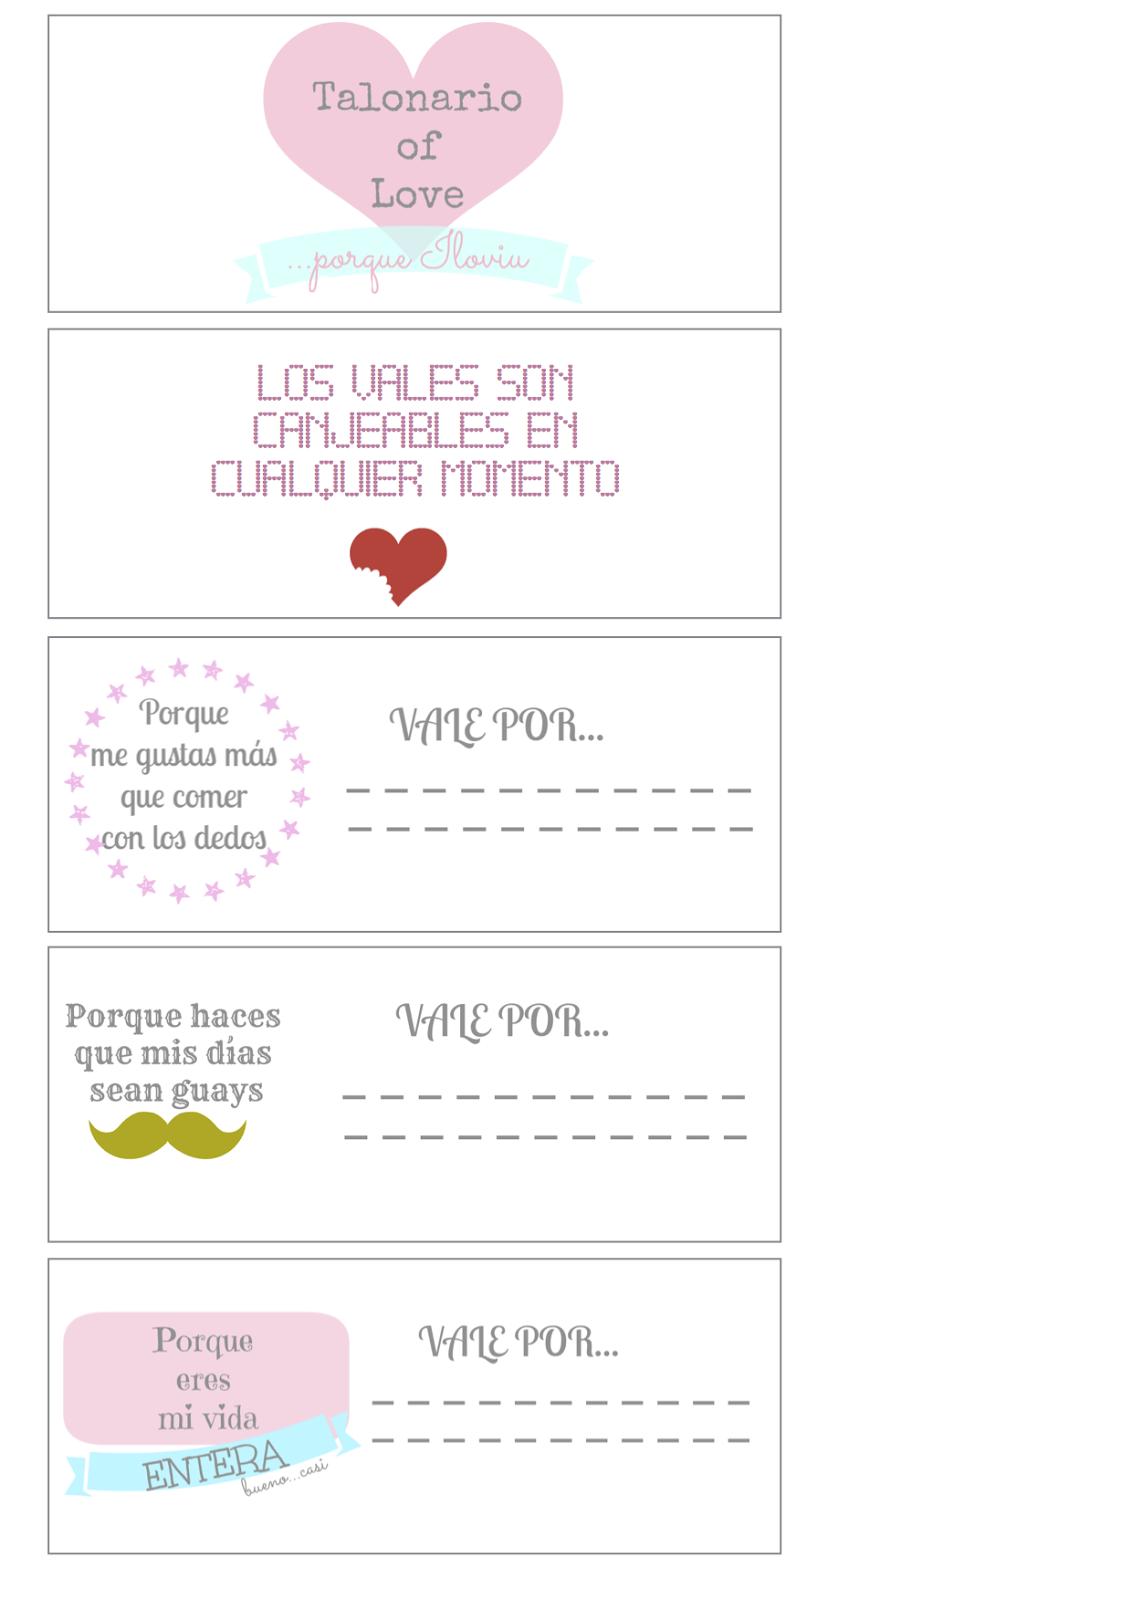 Pitis and lilus talonario de cupones para san valent n for Preparar cita romantica